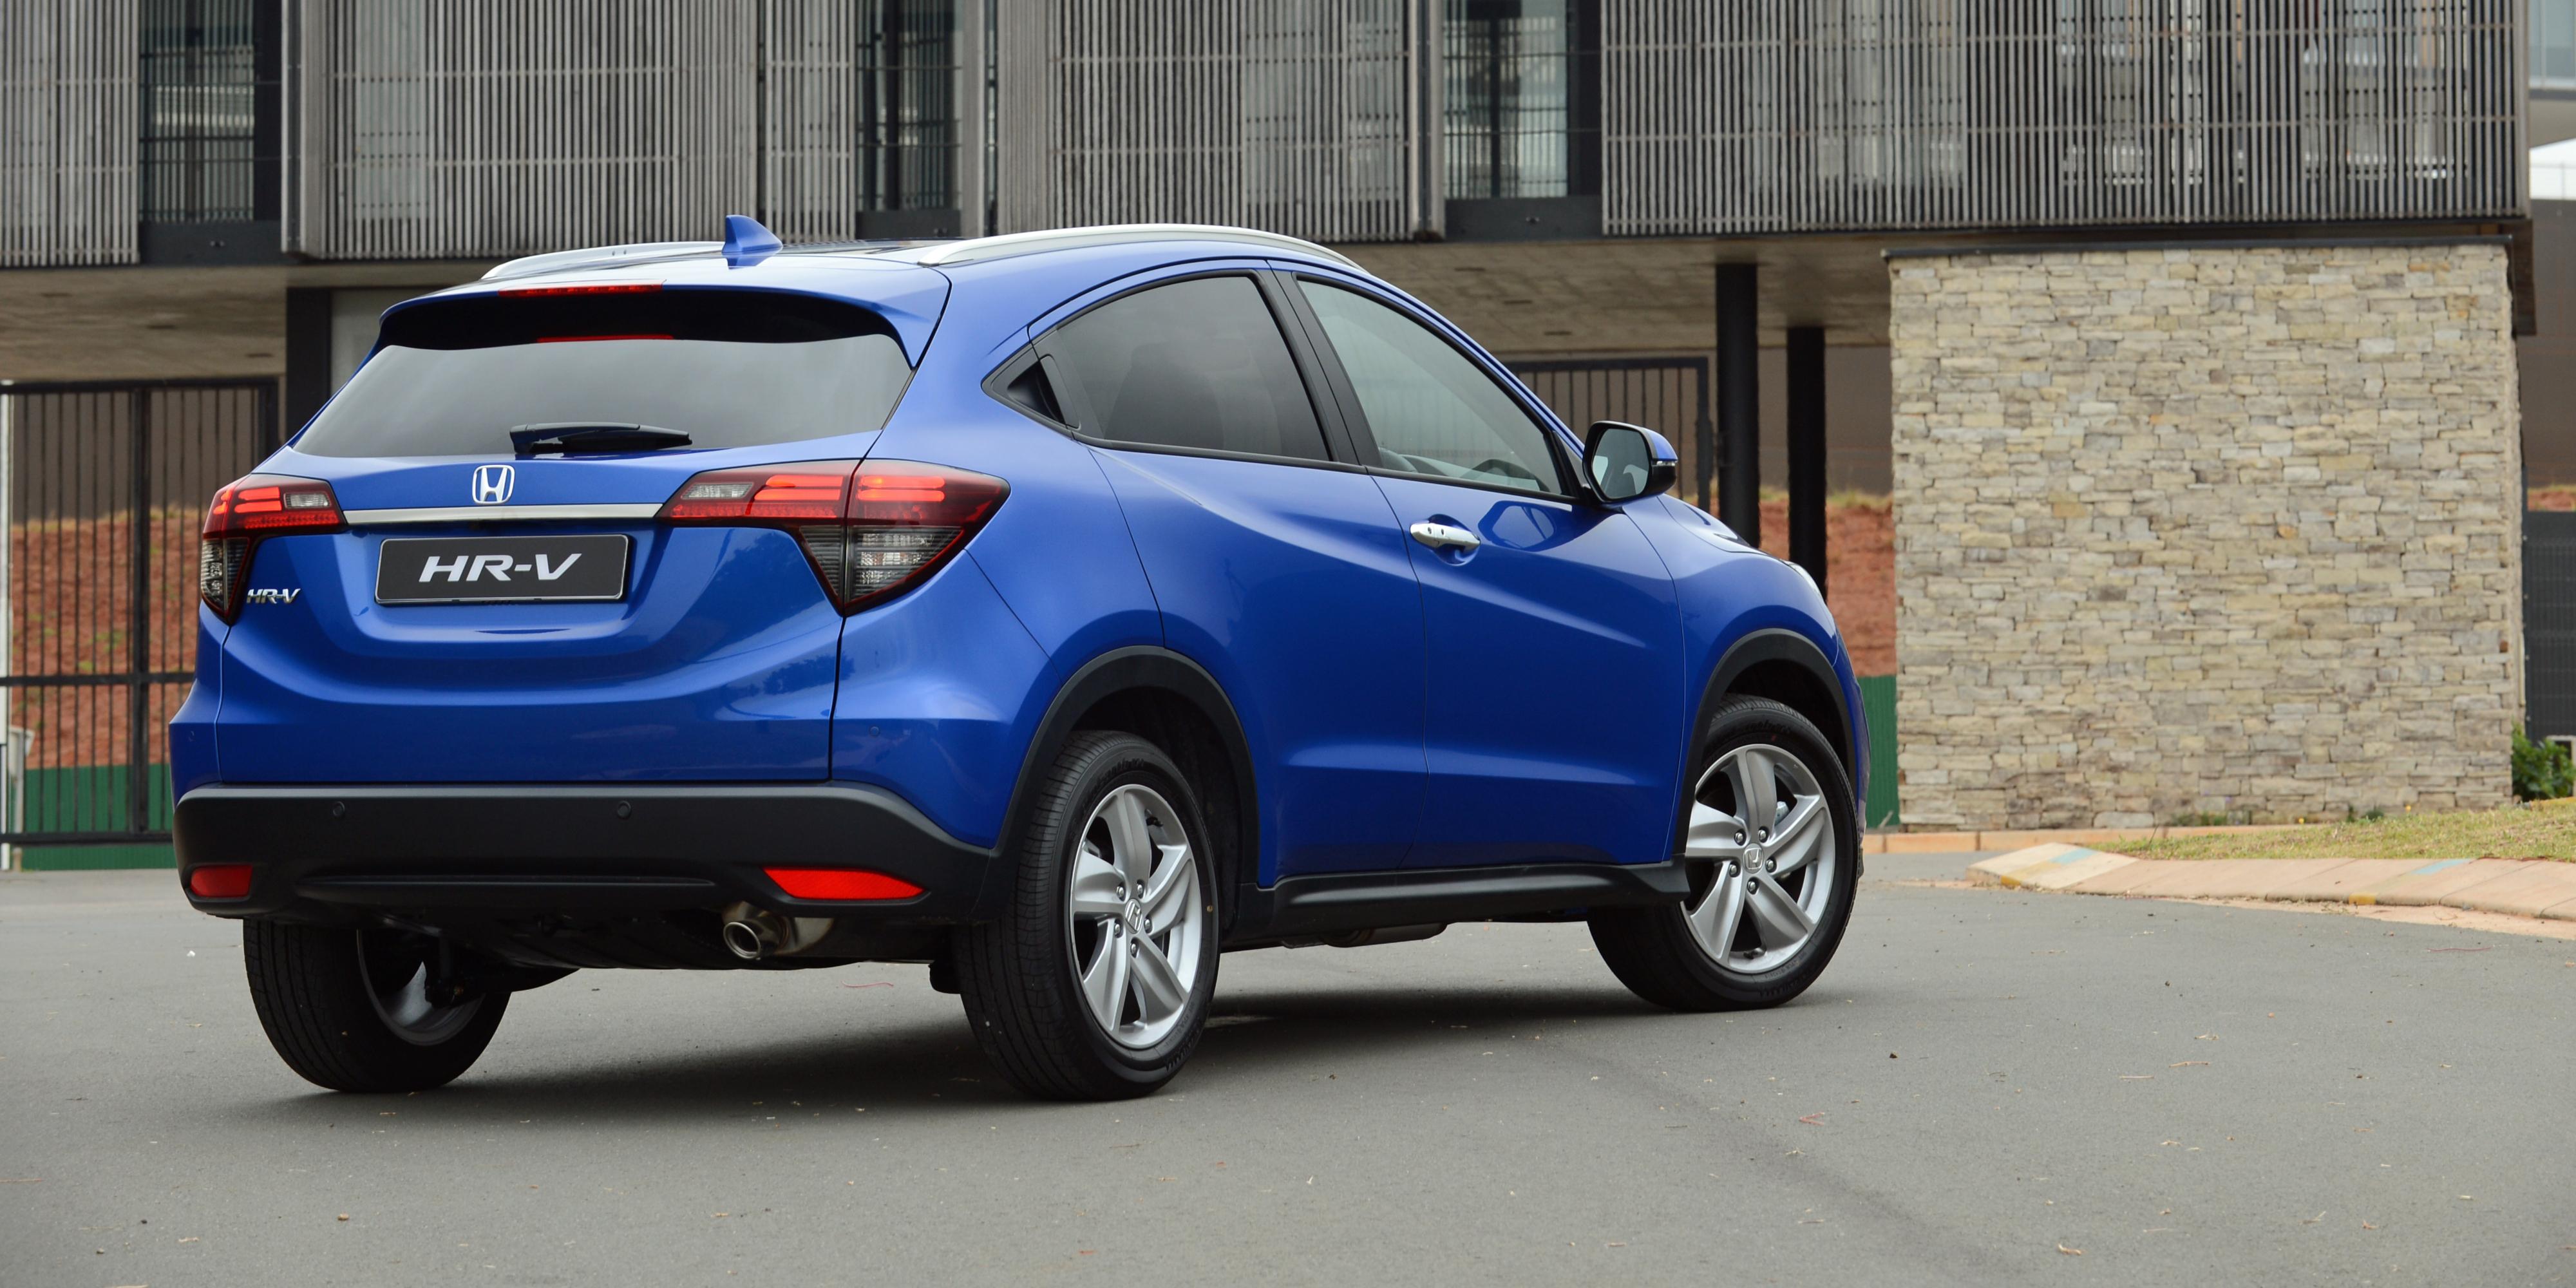 Honda HR-V: Adding something extra